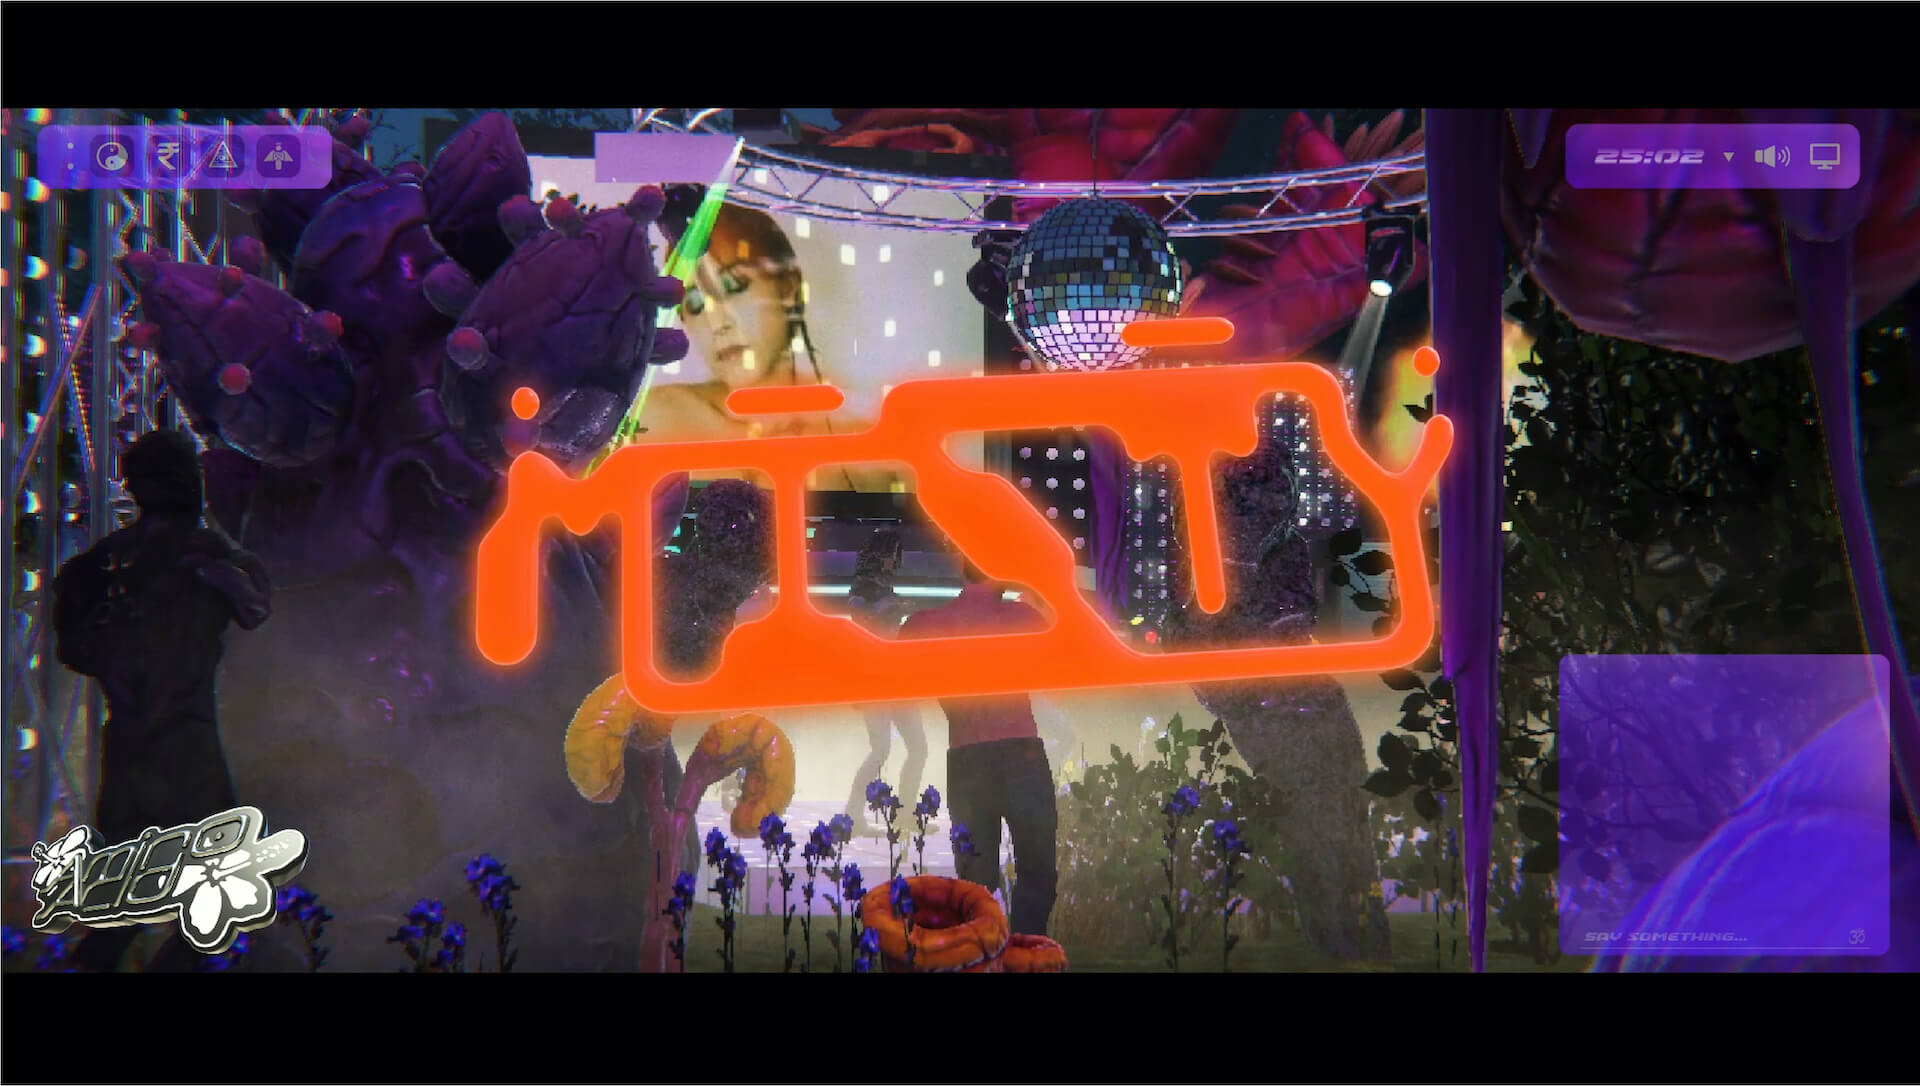 """NTsKiの新曲""""Misty""""が本日配信リリース!JACKSON Kakiの手がけたMVも公開 music210608_NTsKi-MISTY-3"""